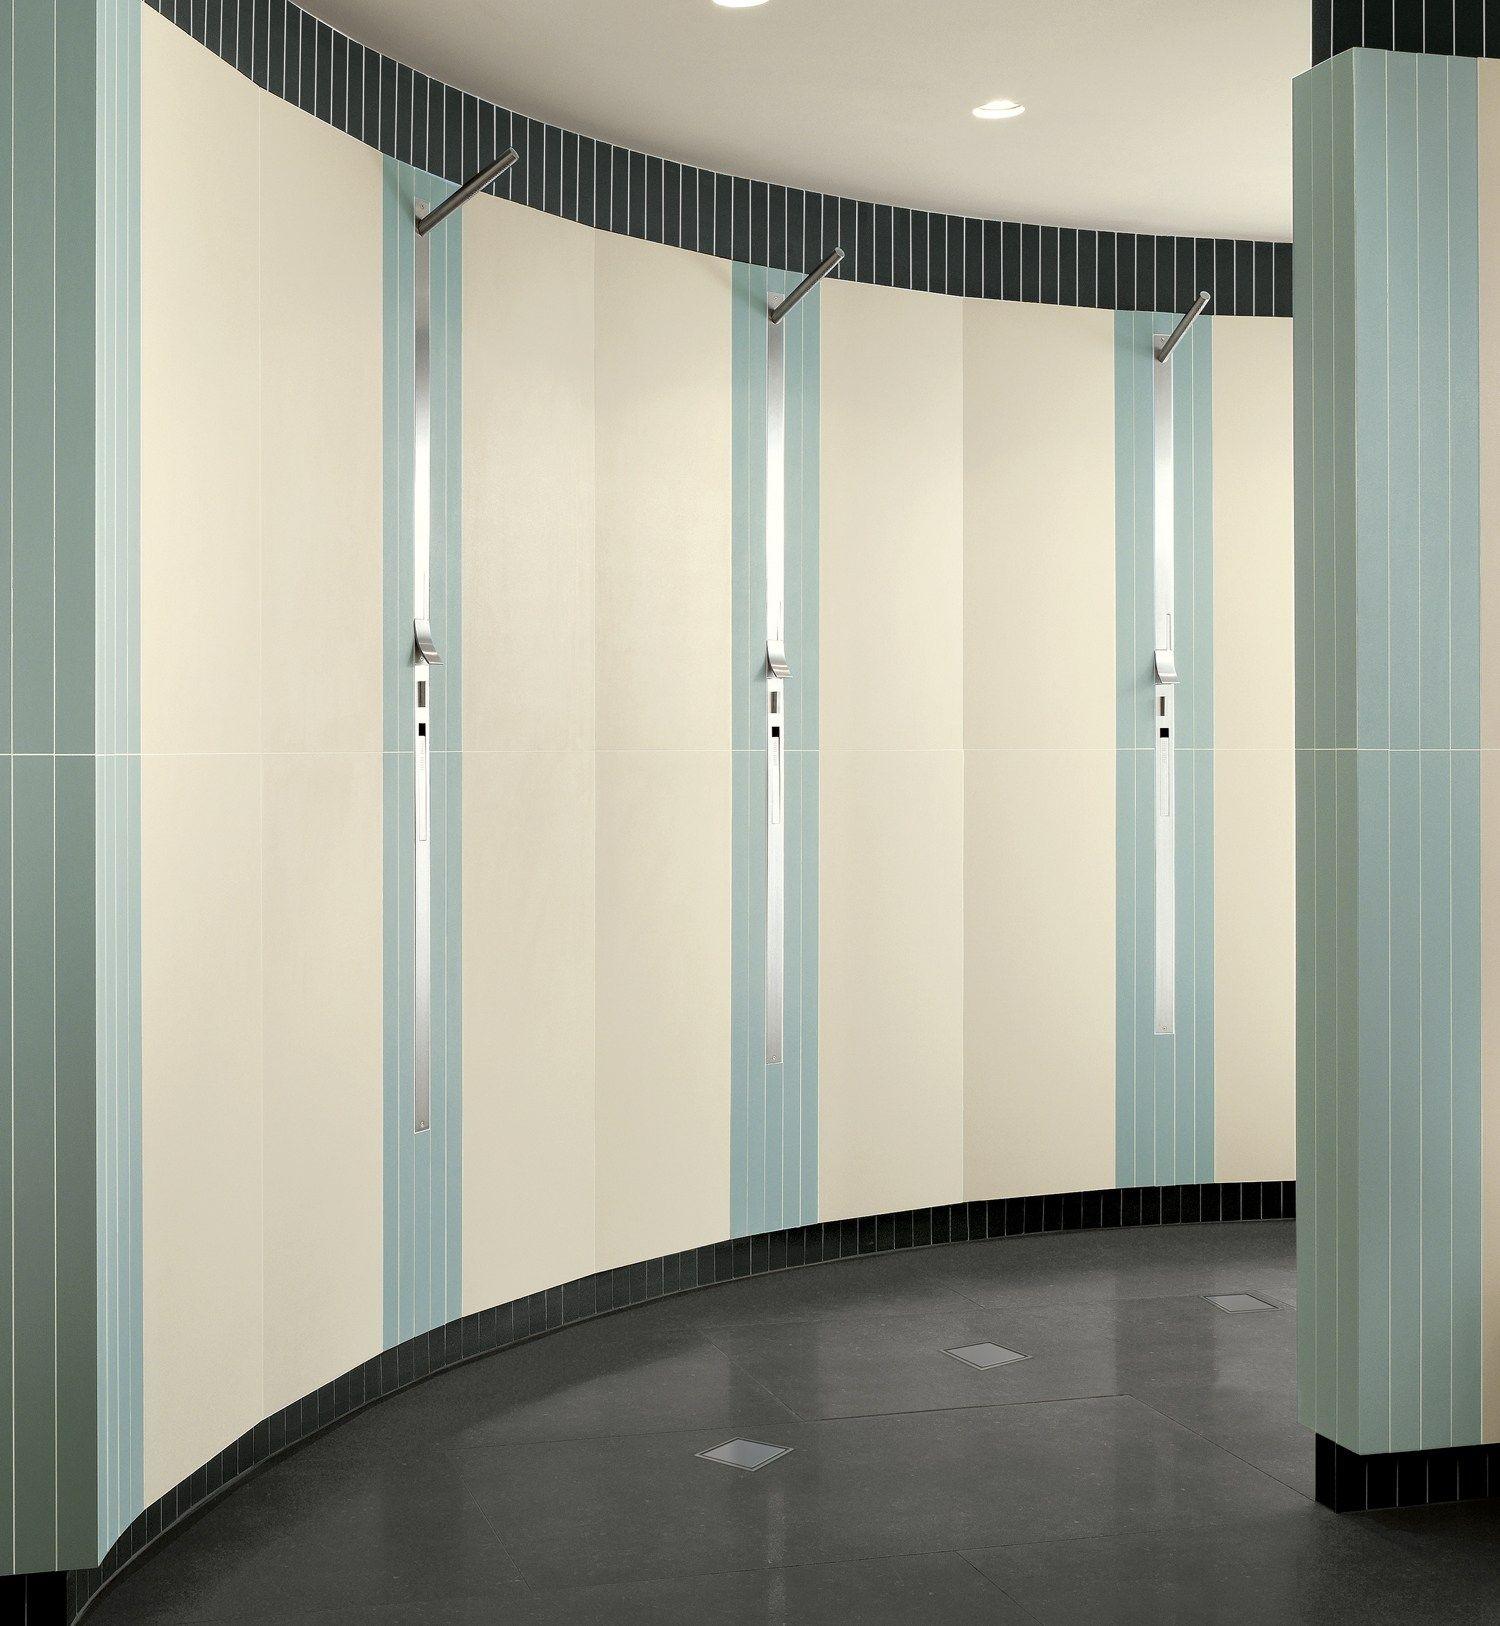 Syst me de drainage pour les douches l italienne square for Accessoires pour douche italienne